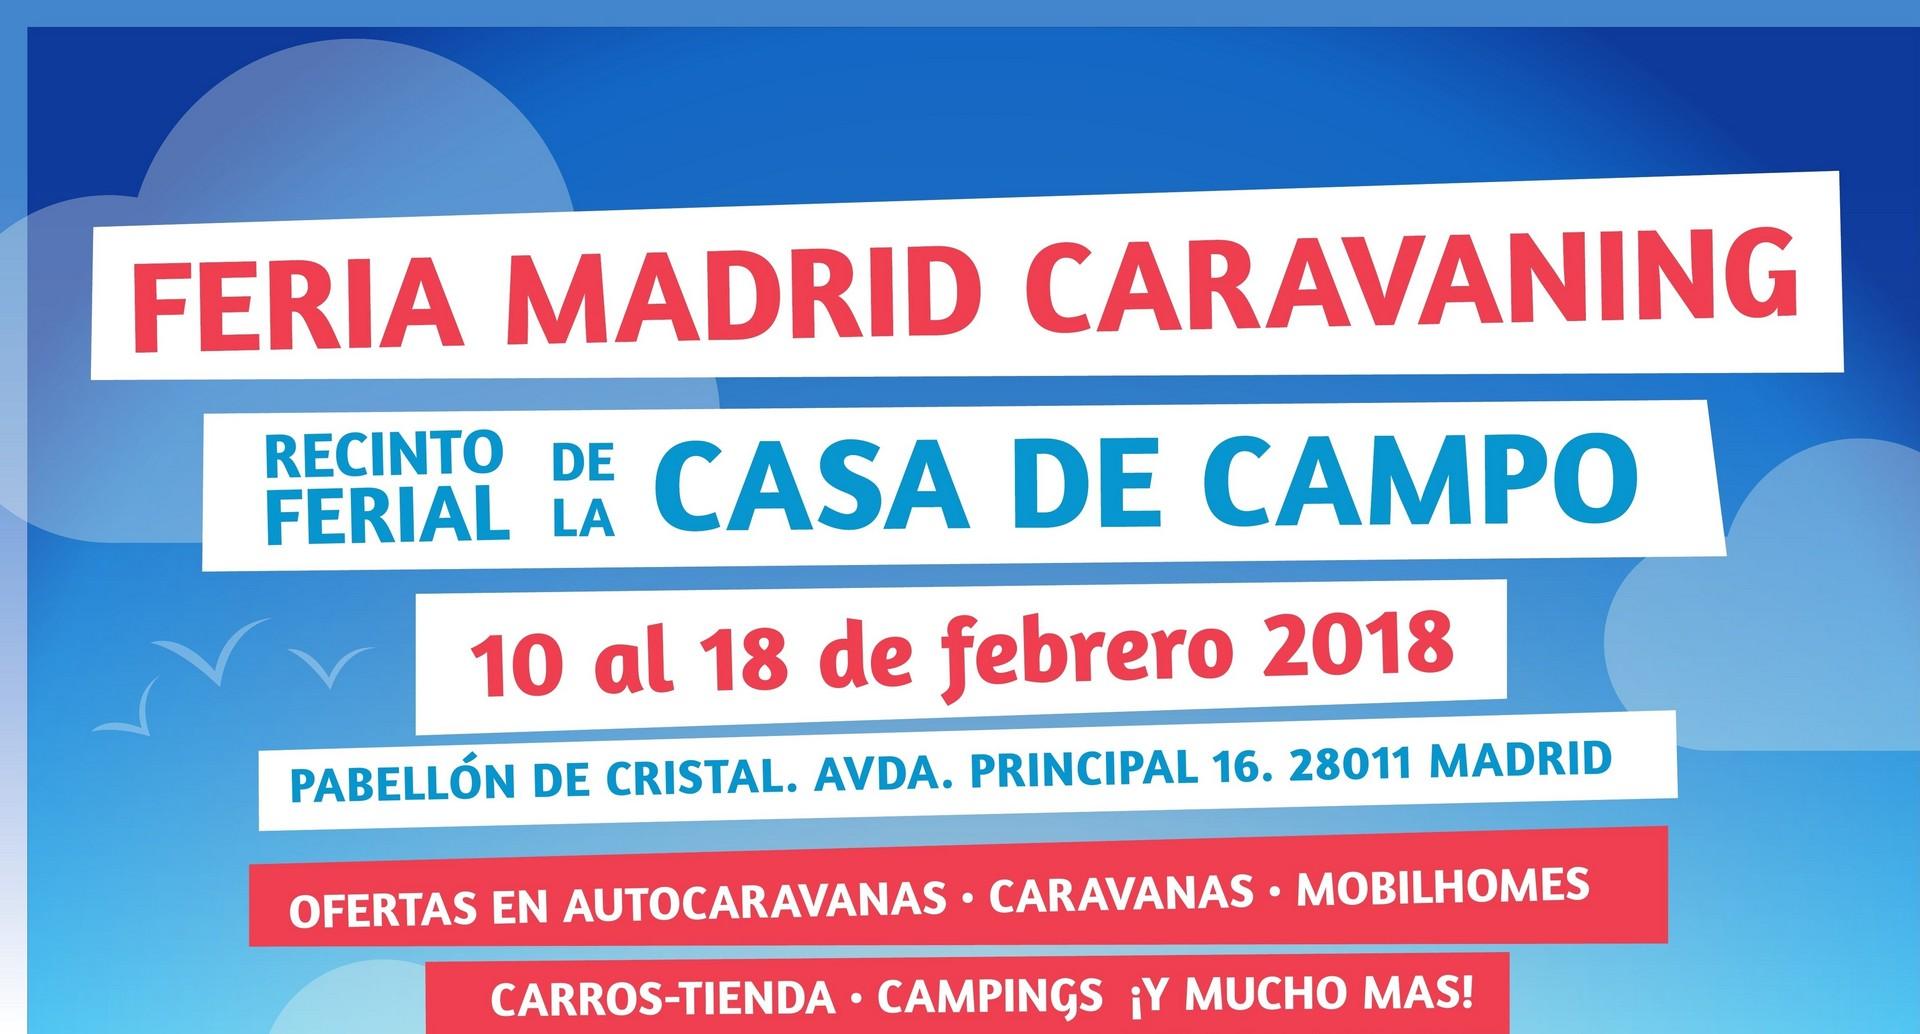 ¡Llega la feria Madrid Caravaning! del 10-18 de Febrero del 2018 ¡Te esperamos!